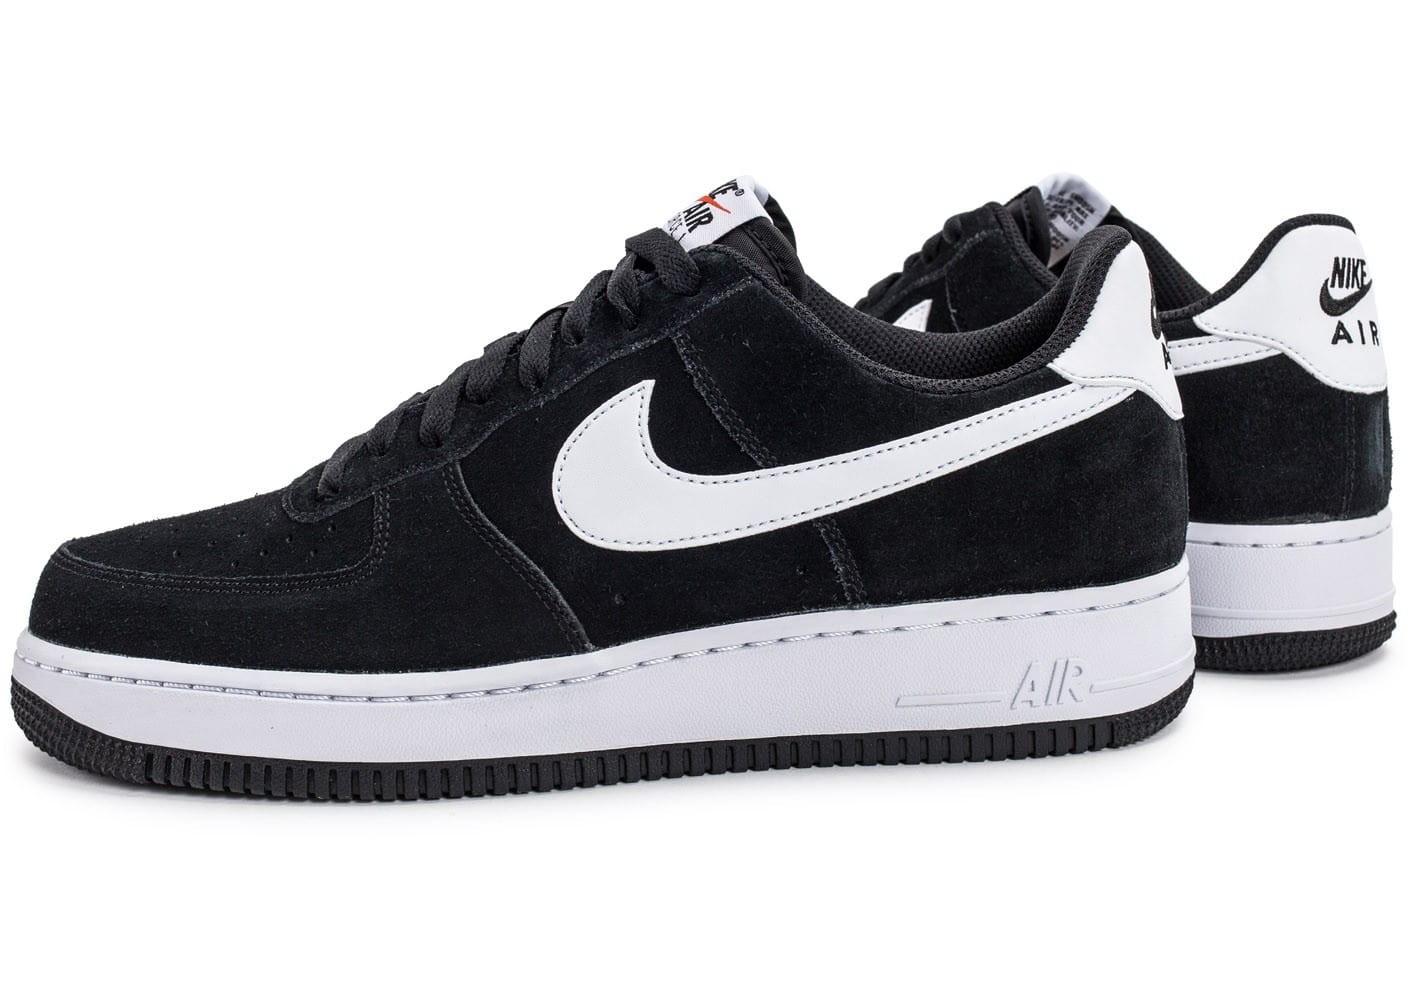 Homme Et Blanc Nike Air Force 1 Noir hdCtrsxQ